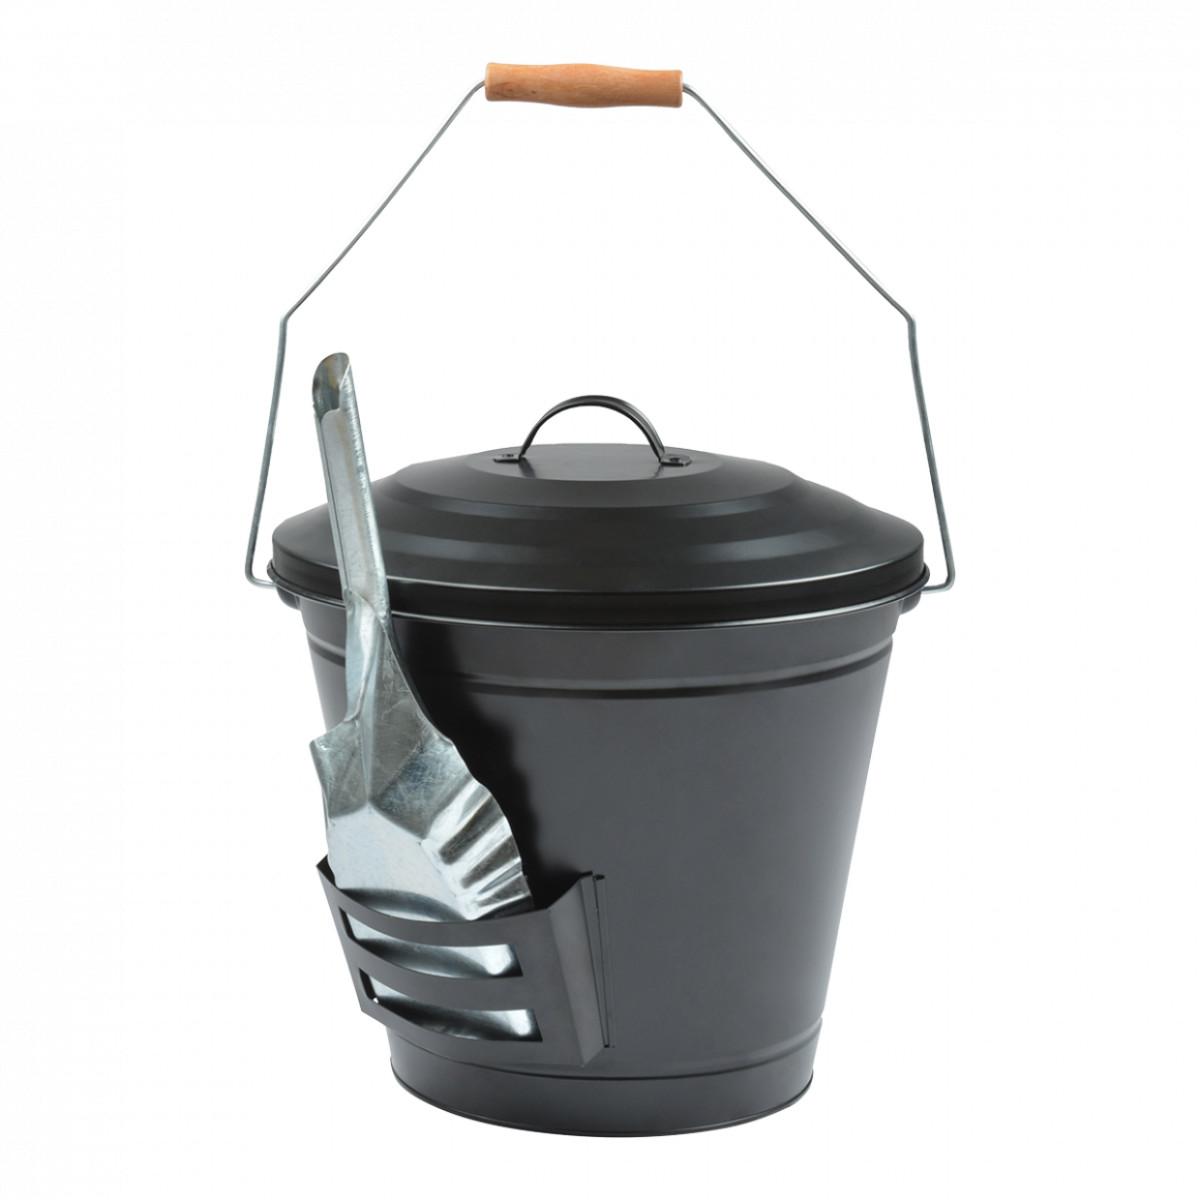 Seau à cendres de cheminée en métal noir avec pelle 14L